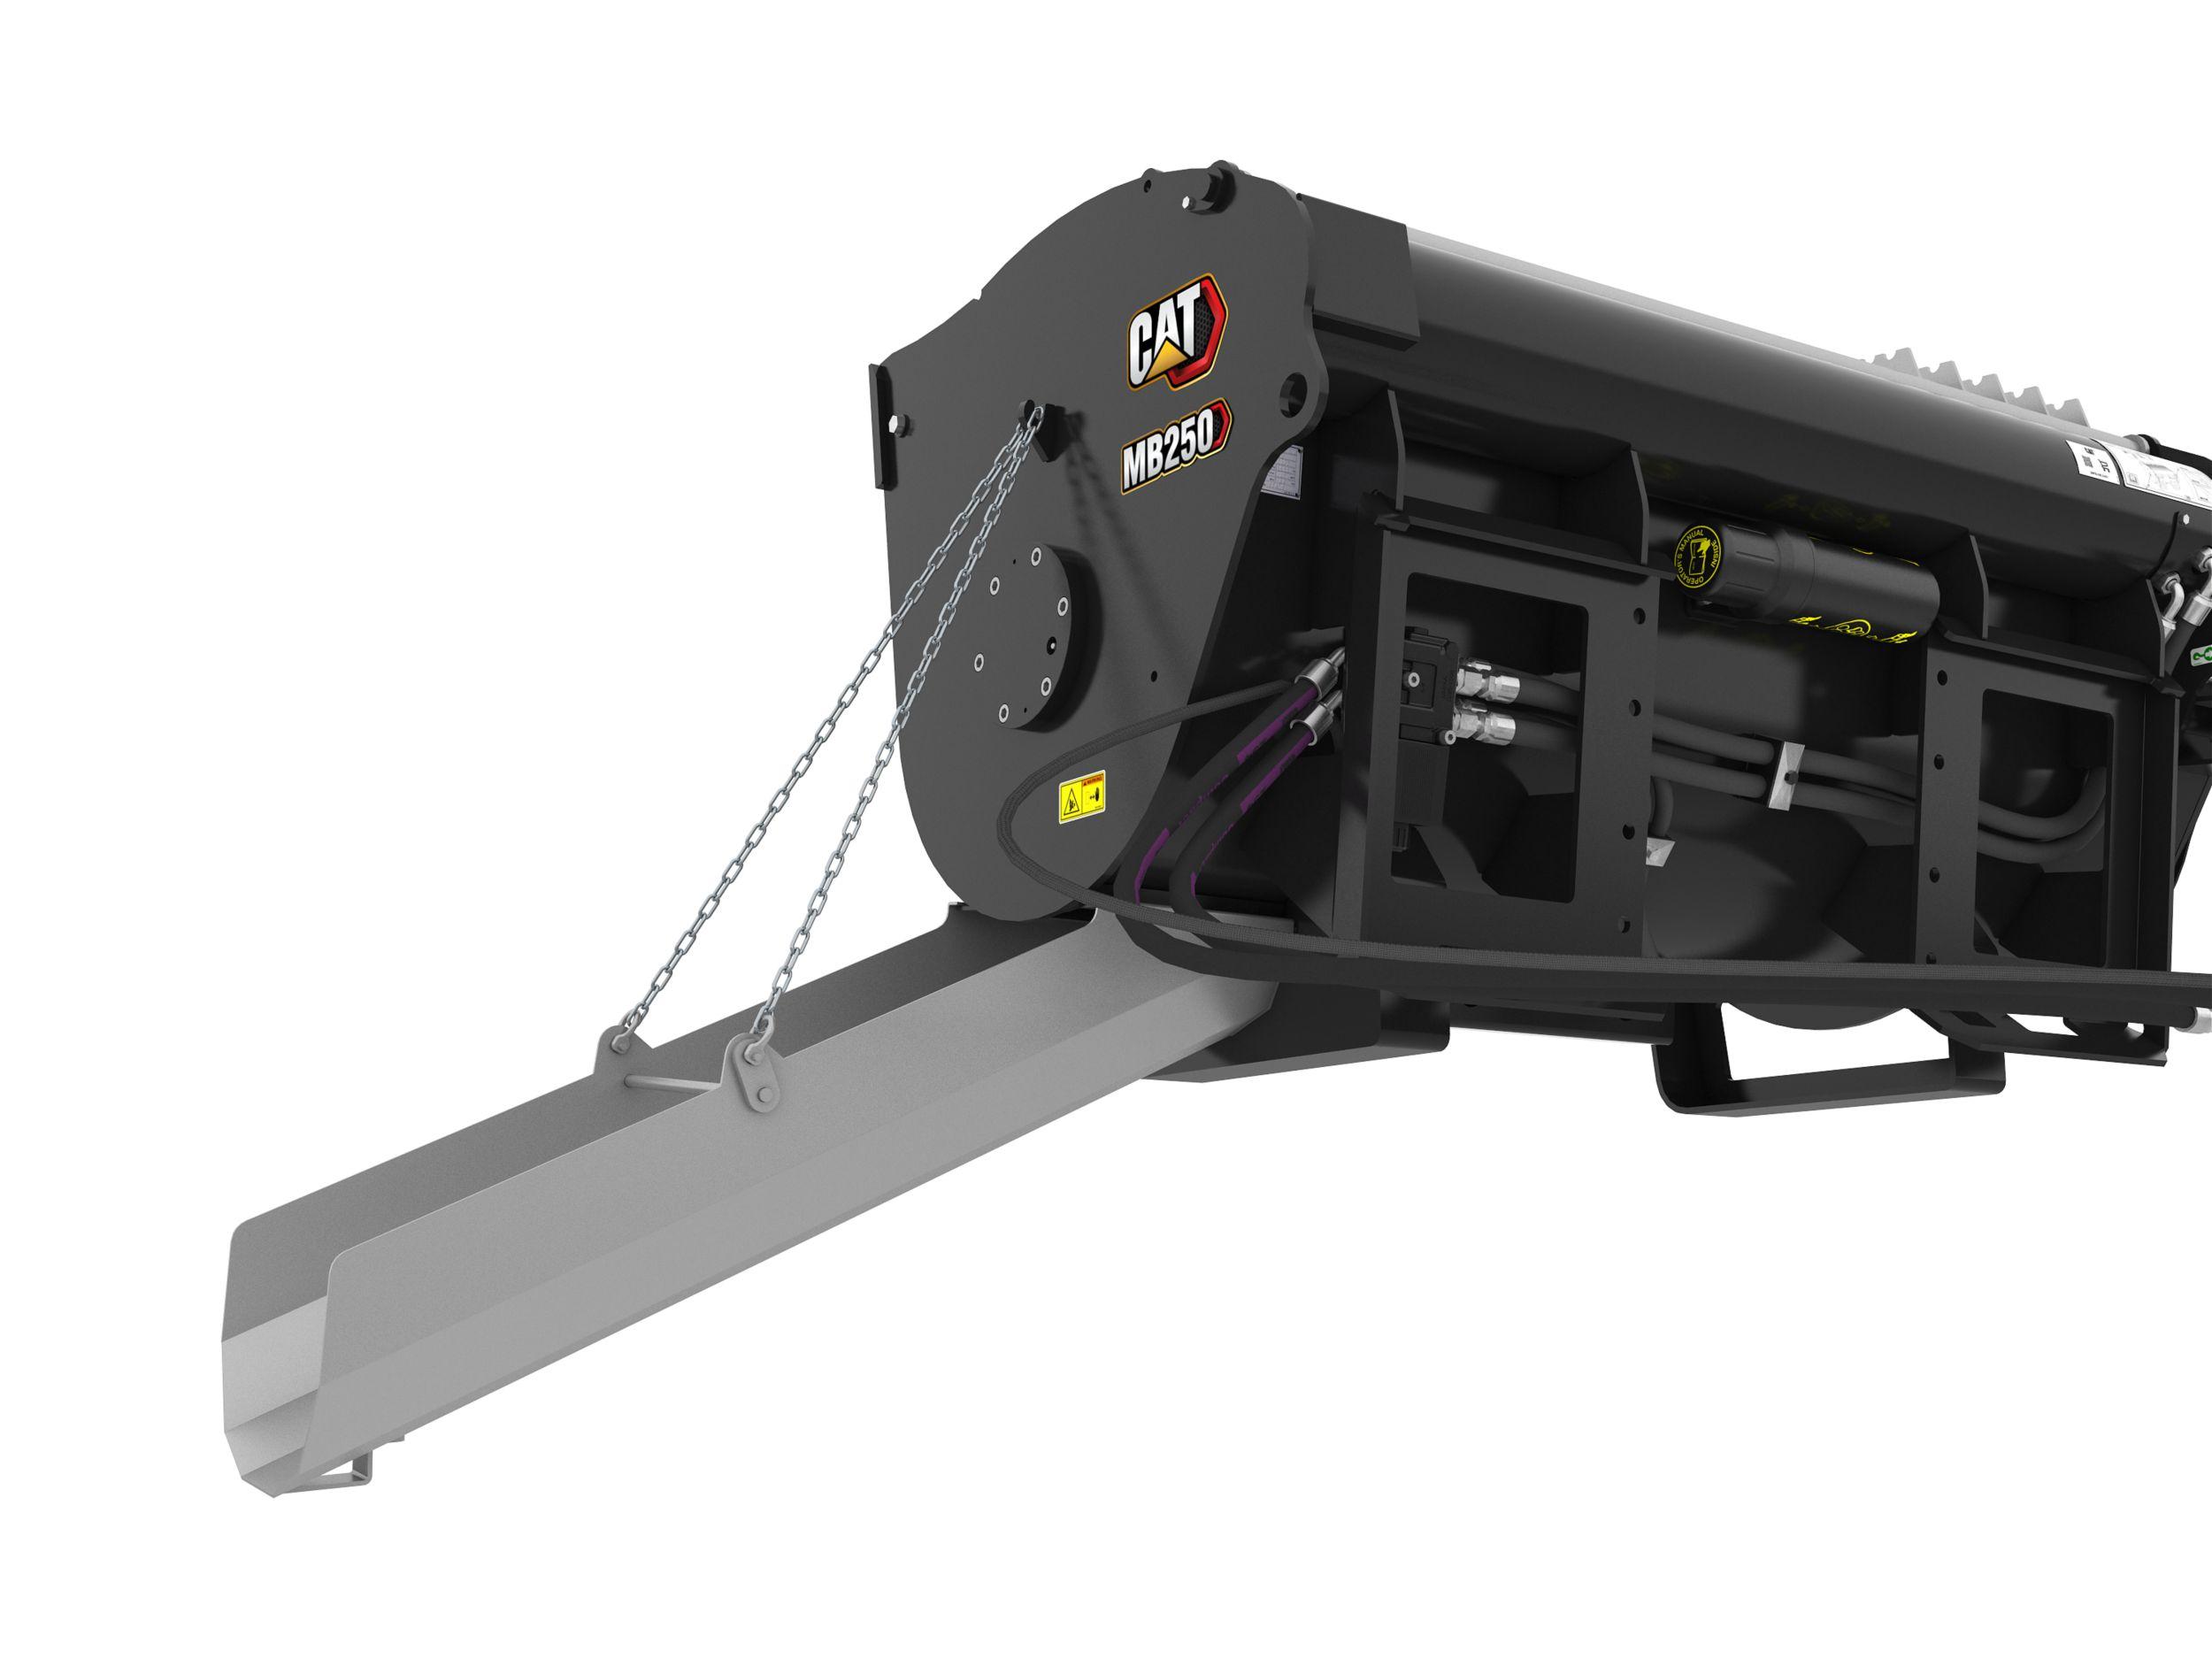 MB250 buckets-skid-steer-loader